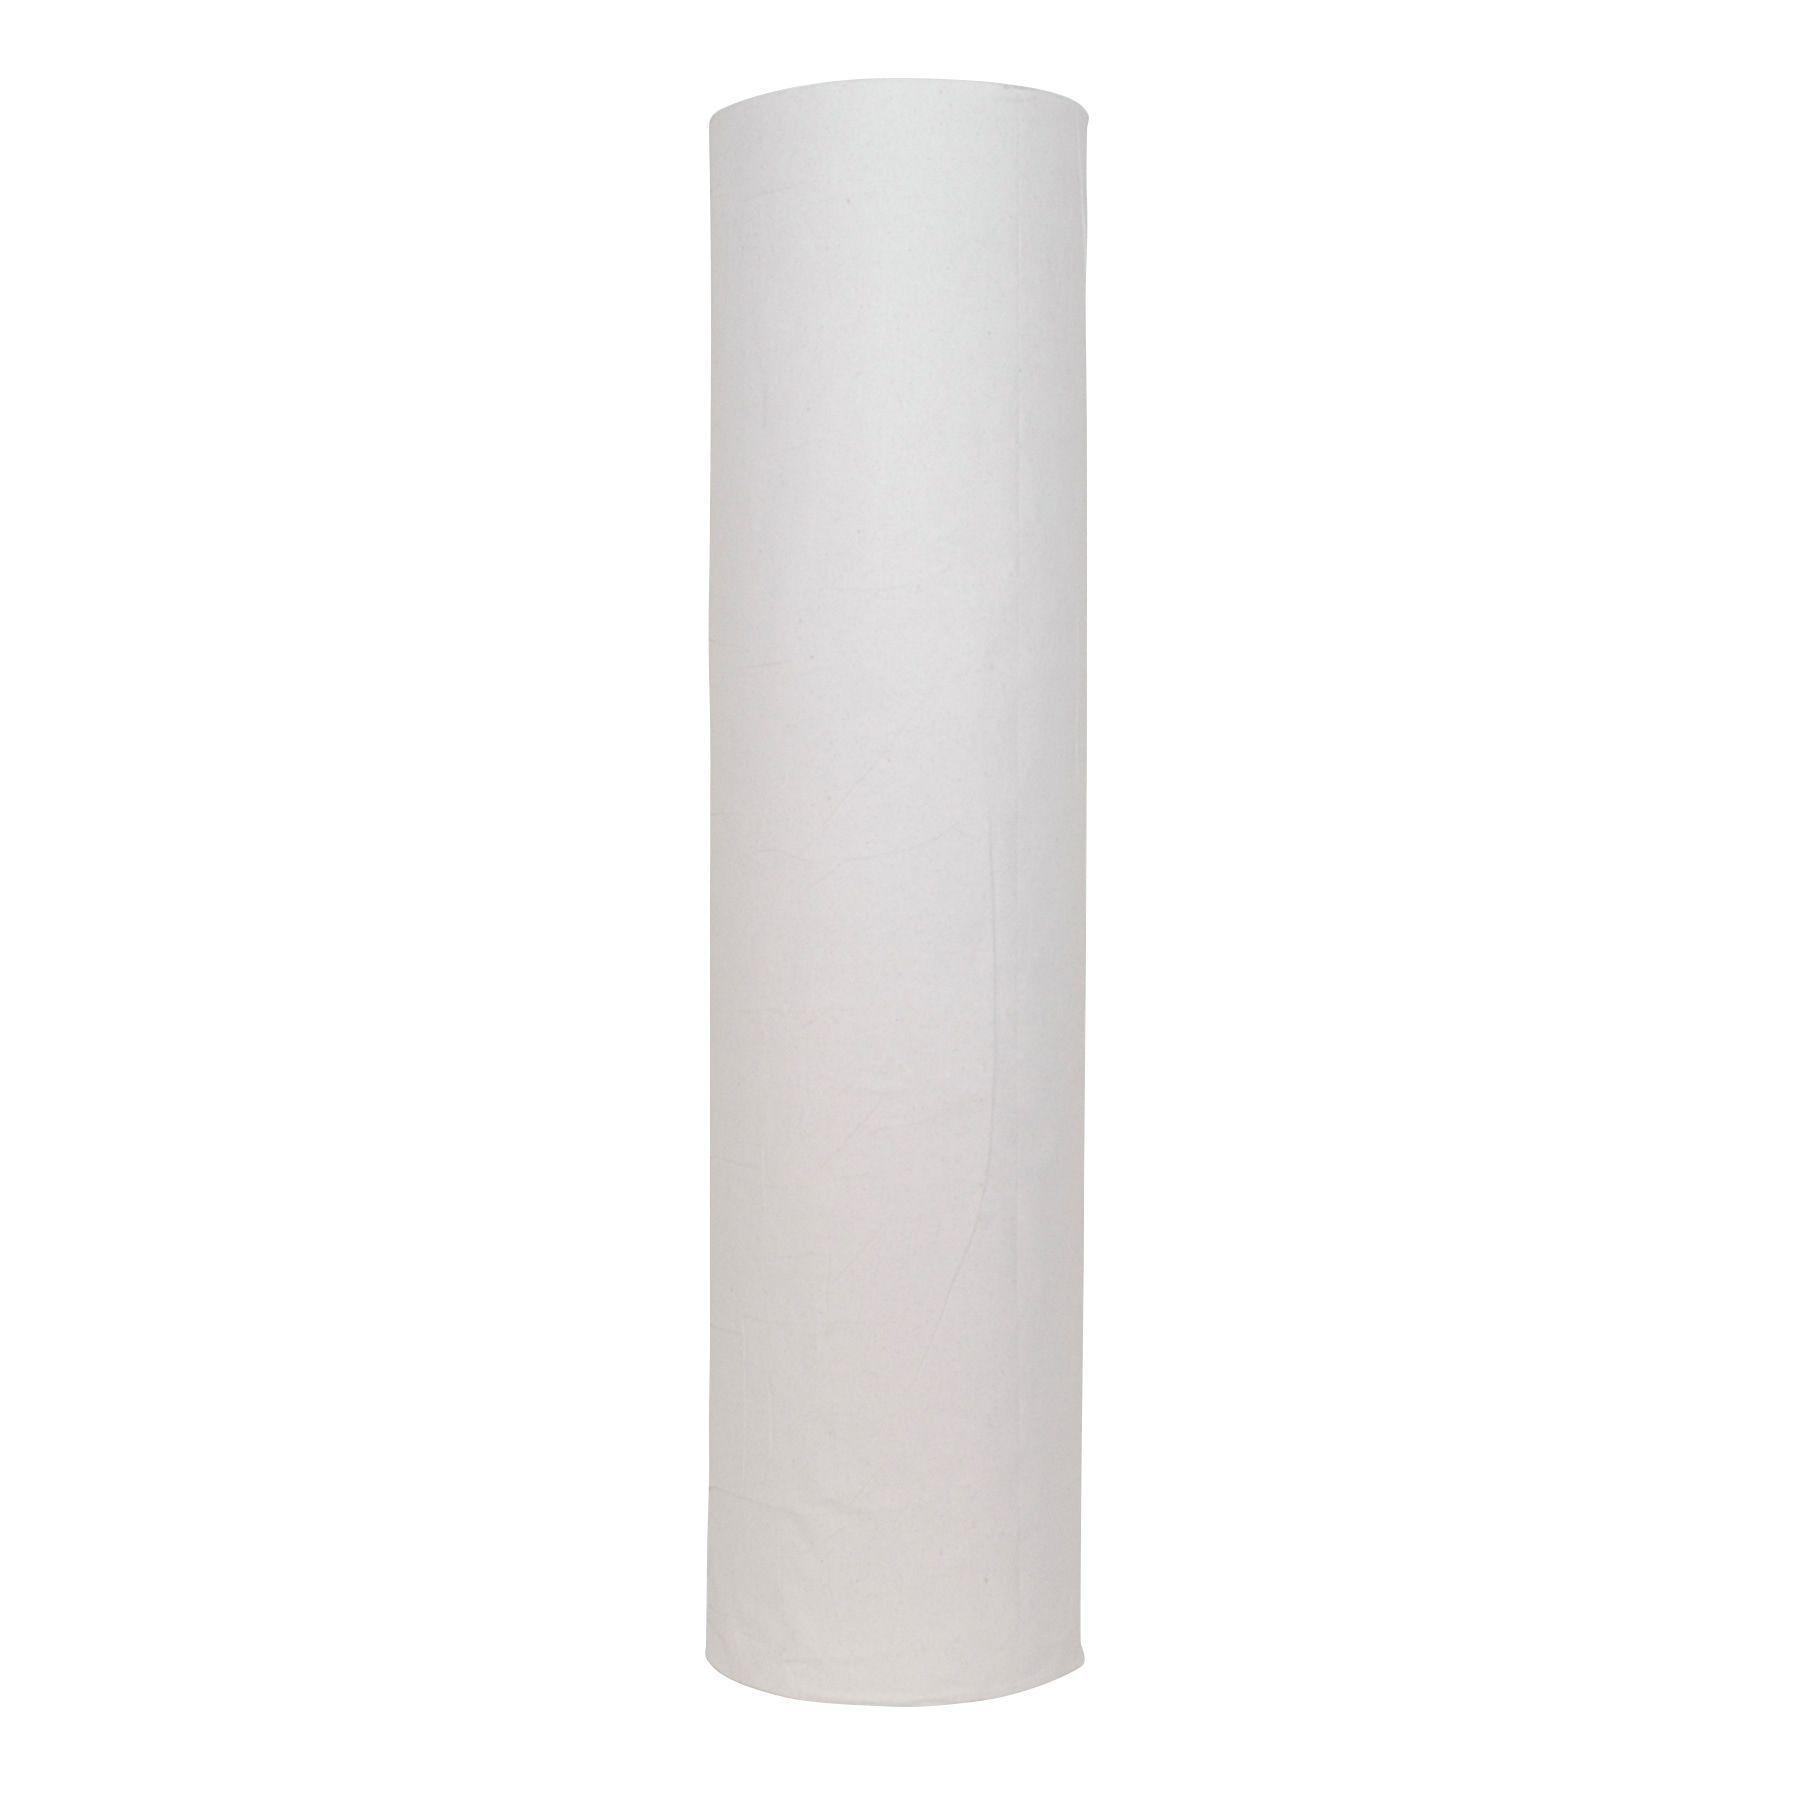 Onderzoektafelpapier 134260 5 rollen 150 meter 60cm (134260)